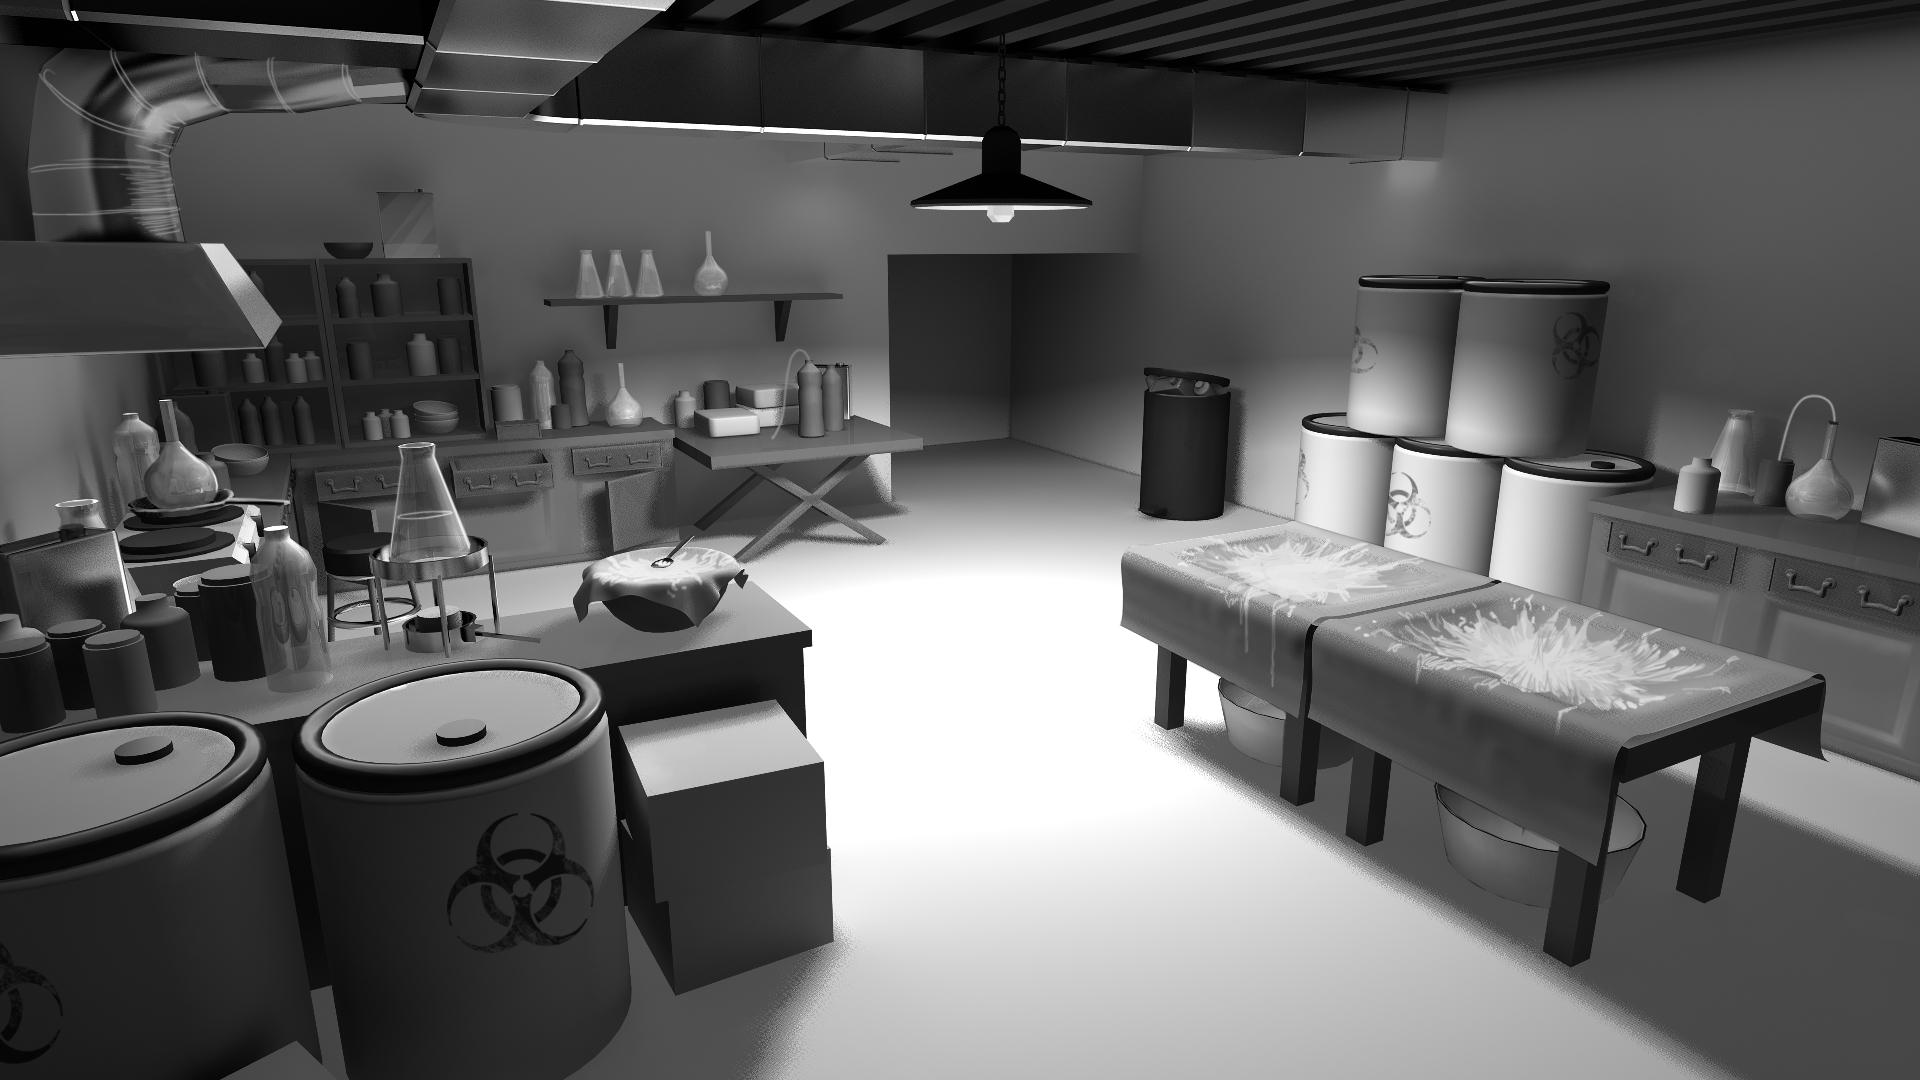 basement_druglab_mockup_1.jpg